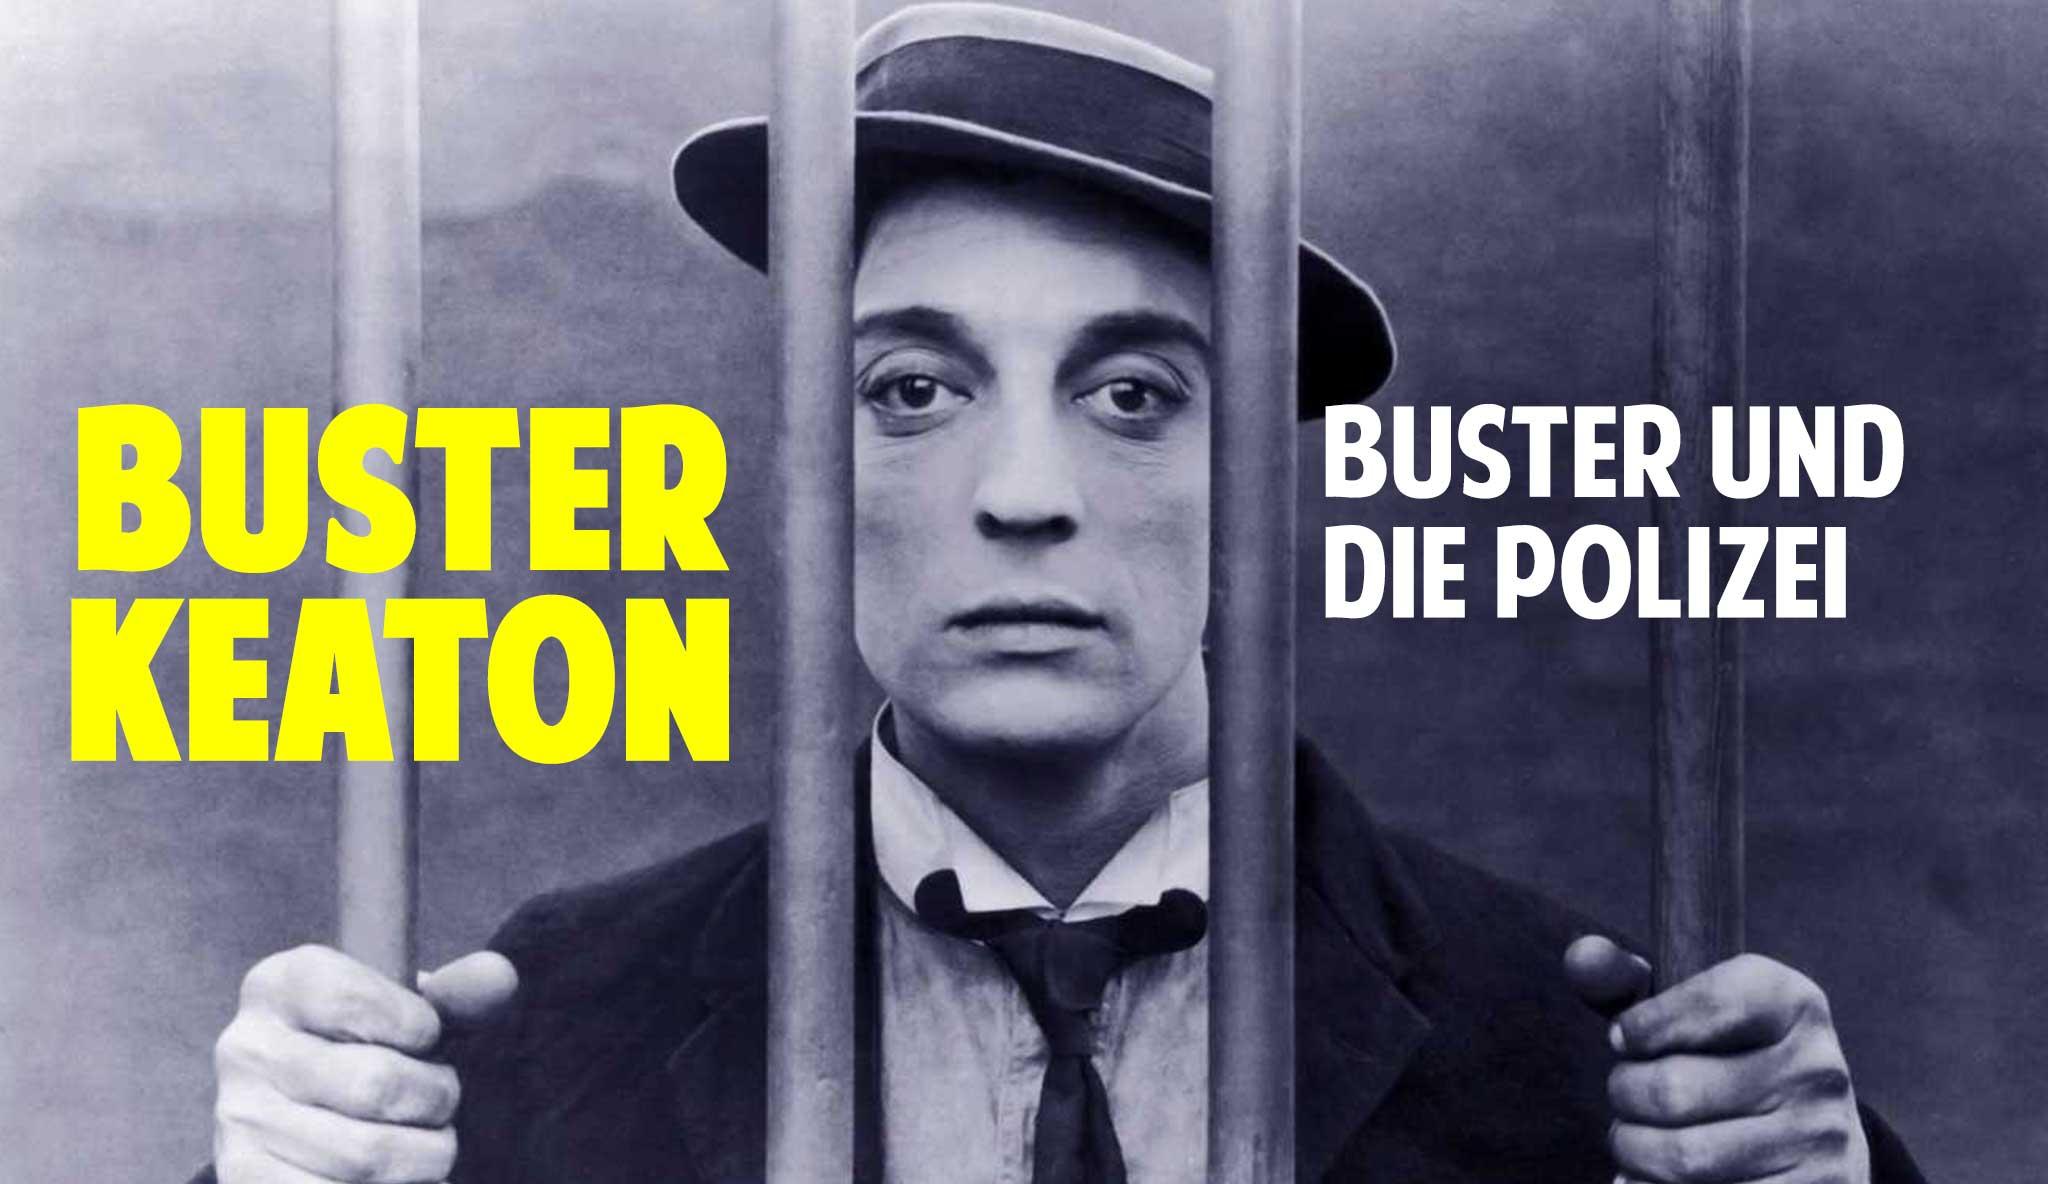 buster-keaton-buster-und-die-polizei\header.jpg